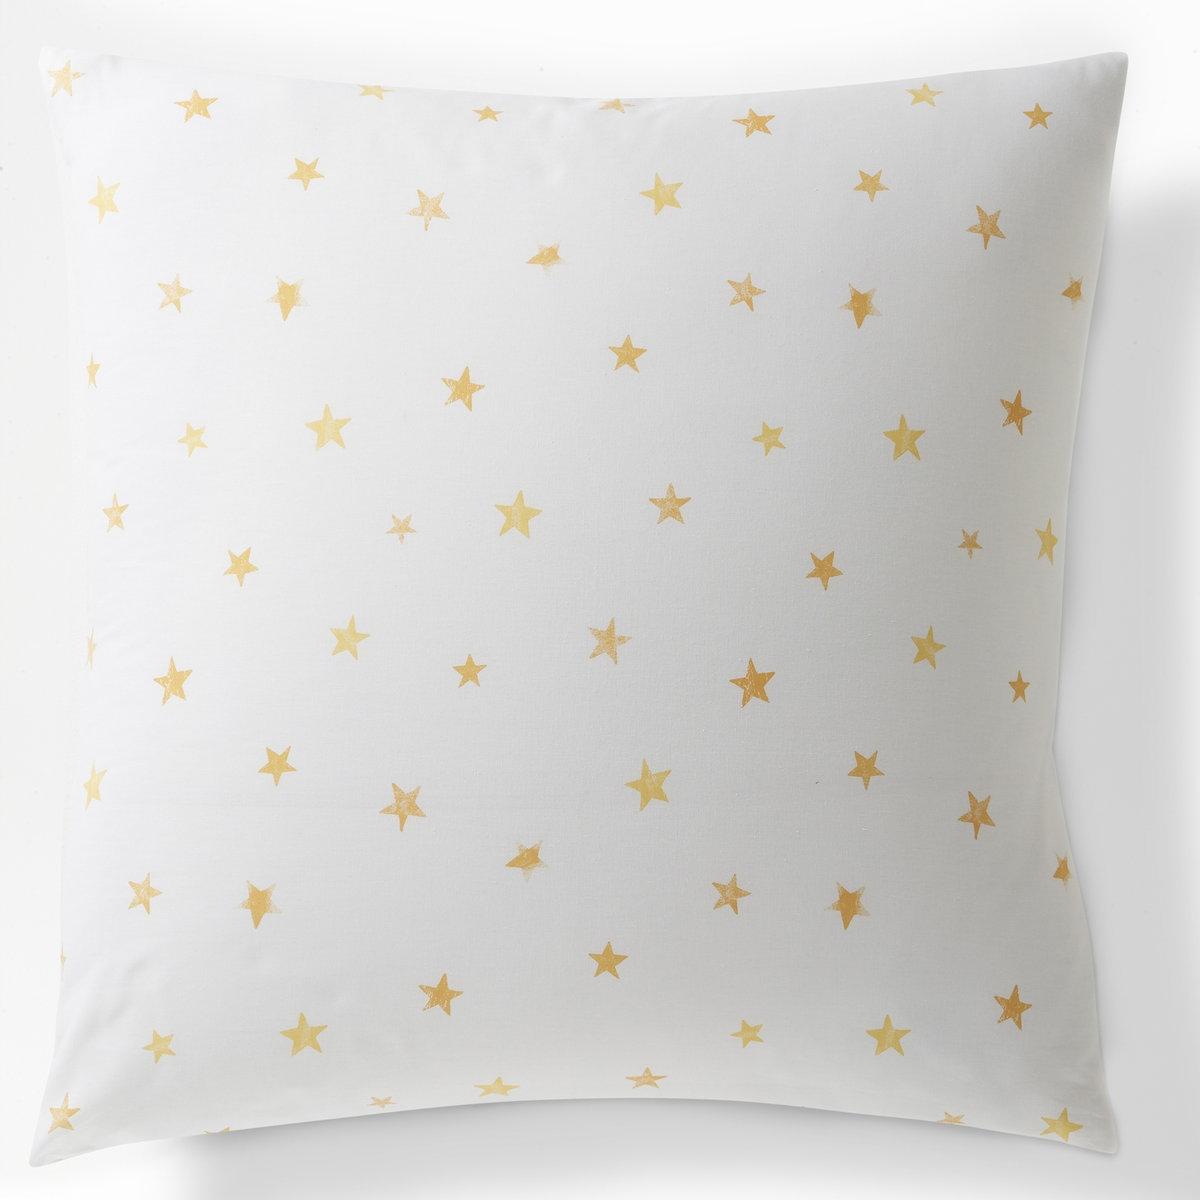 Наволочка LUNEНаволочка LUNE из 100% хлопка с рисунком С 2 сторон покрыта орнаментом из желтых звезд на белом фоне.С клапаном.100% хлопка, 51 нить/см?: чем больше нитей/см?, тем выше качество ткани.Стирка при 60°.63 x 63 см.<br><br>Цвет: белый/ желтый<br>Размер: 63 x 63  см